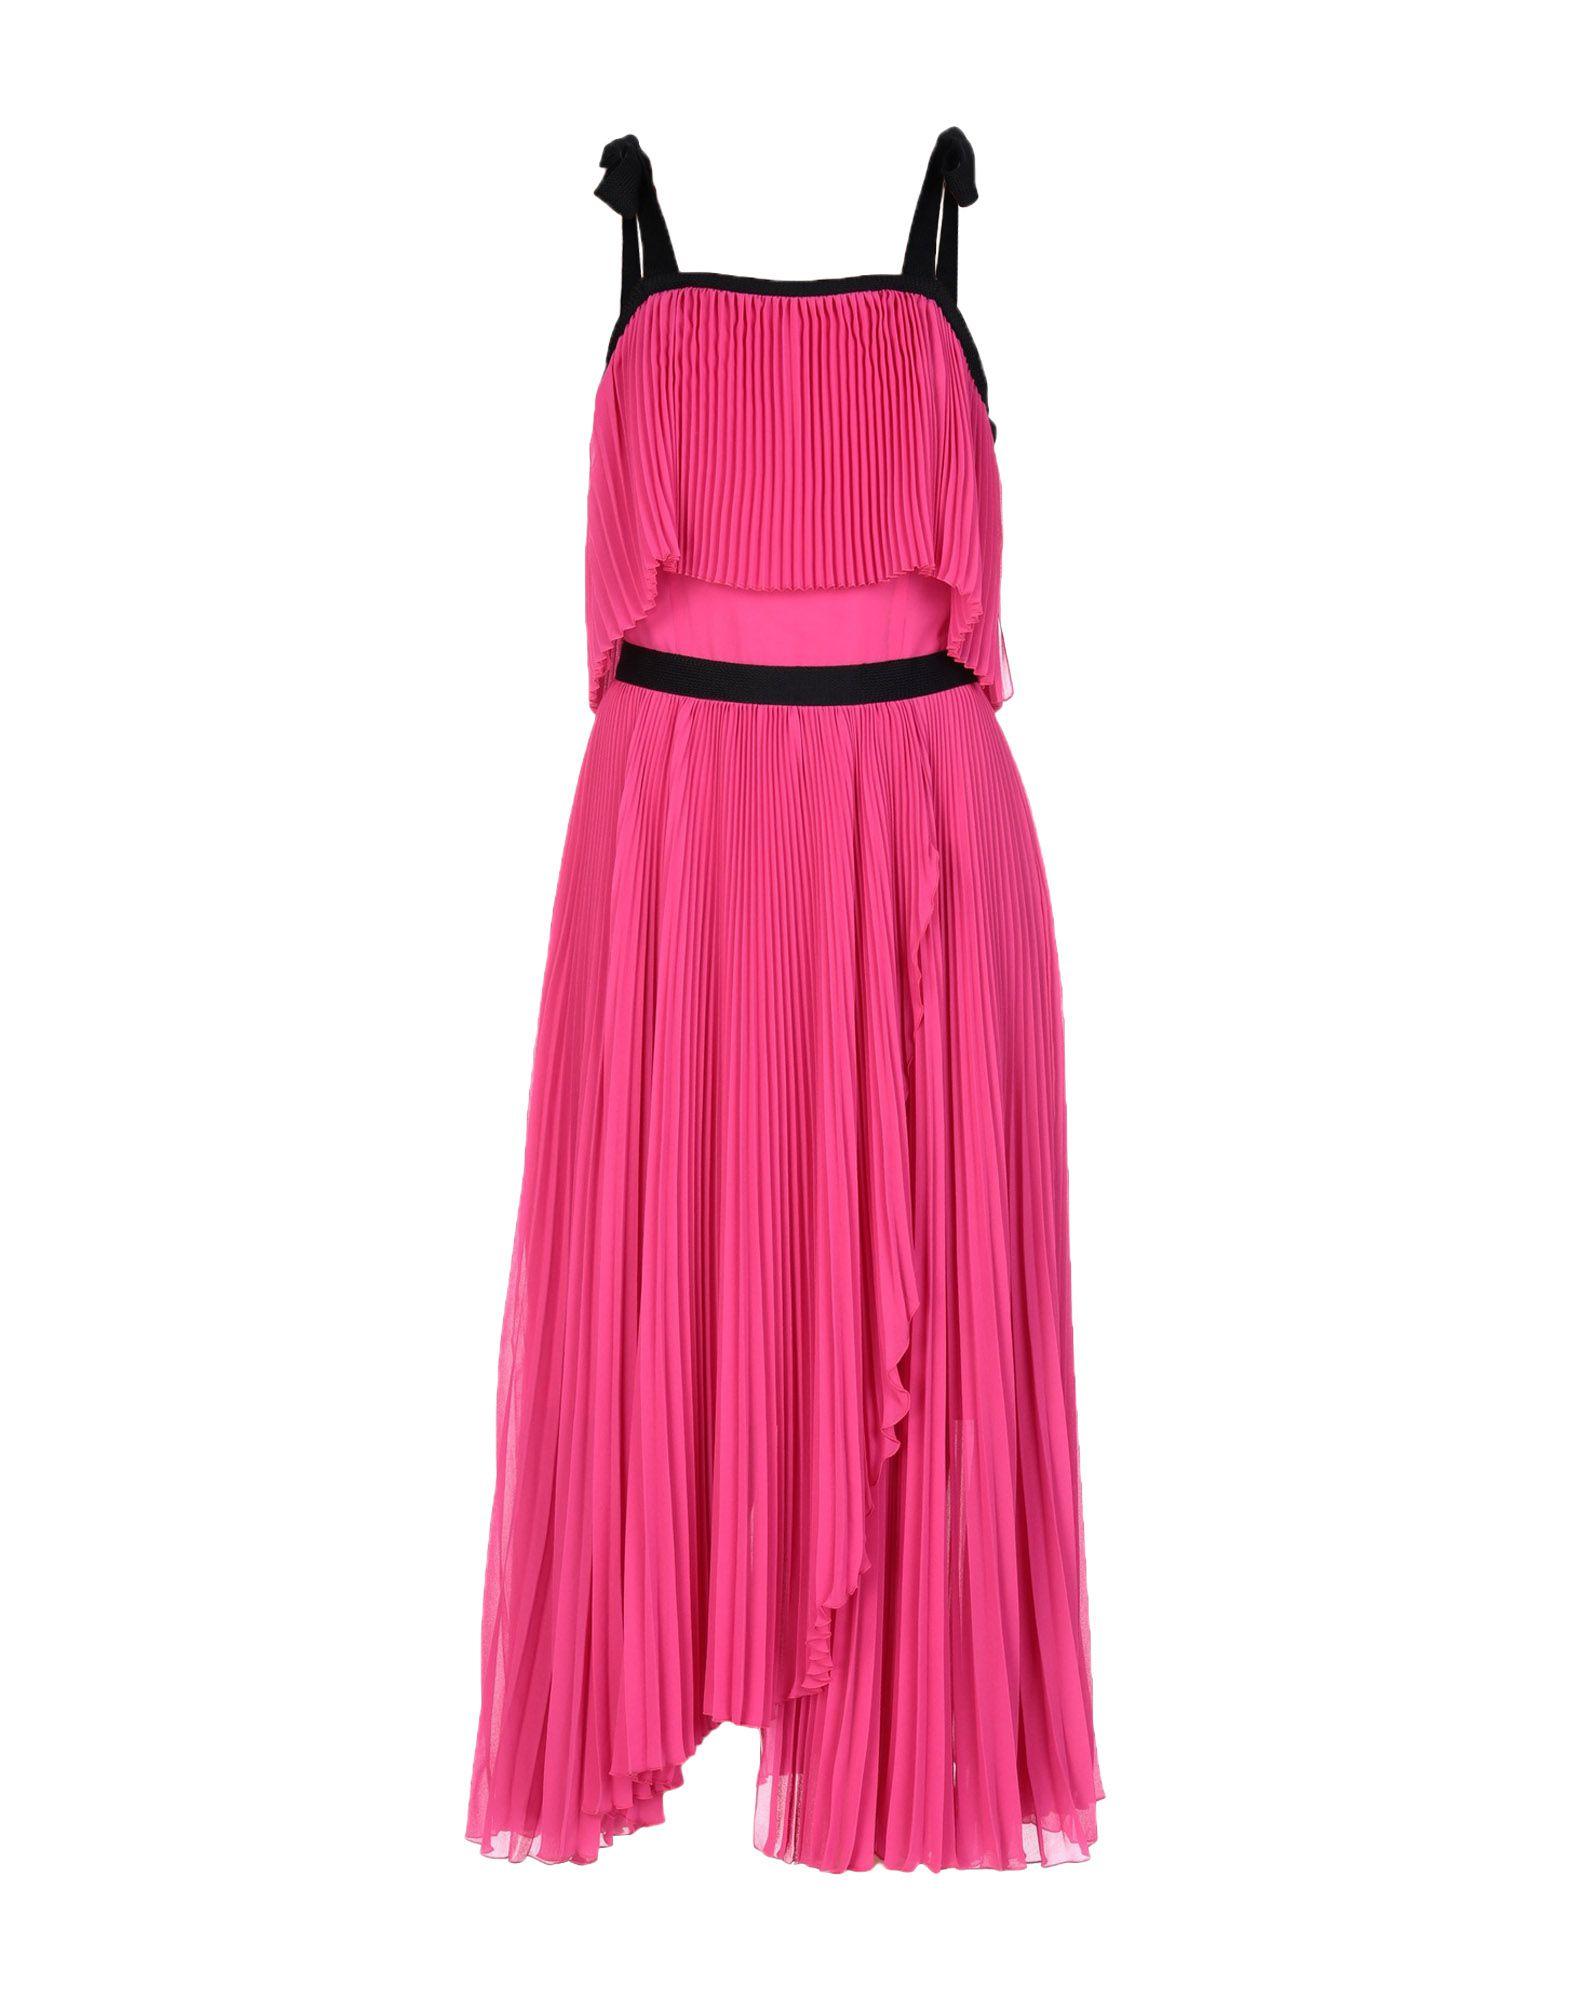 《送料無料》PHILOSOPHY di LORENZO SERAFINI レディース 7分丈ワンピース・ドレス フューシャ 40 ポリエステル 100%